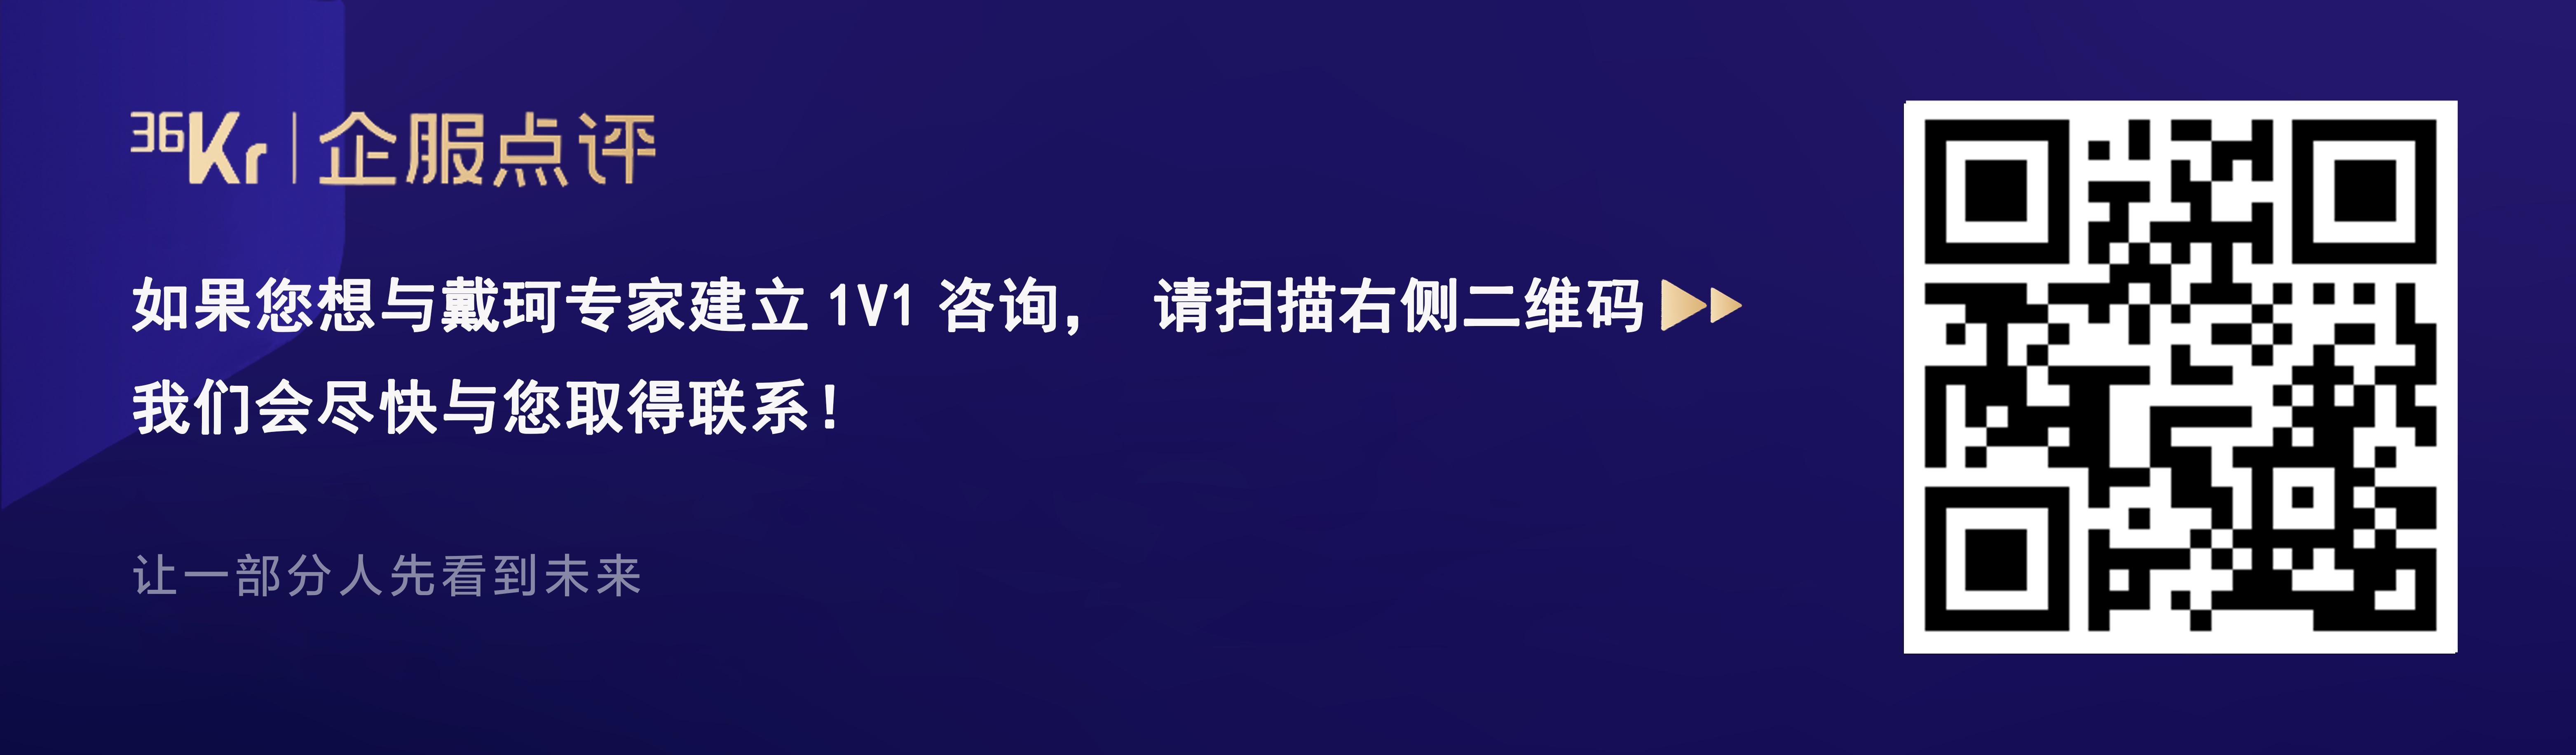 戴珂:续费,决定中国SaaS的未来